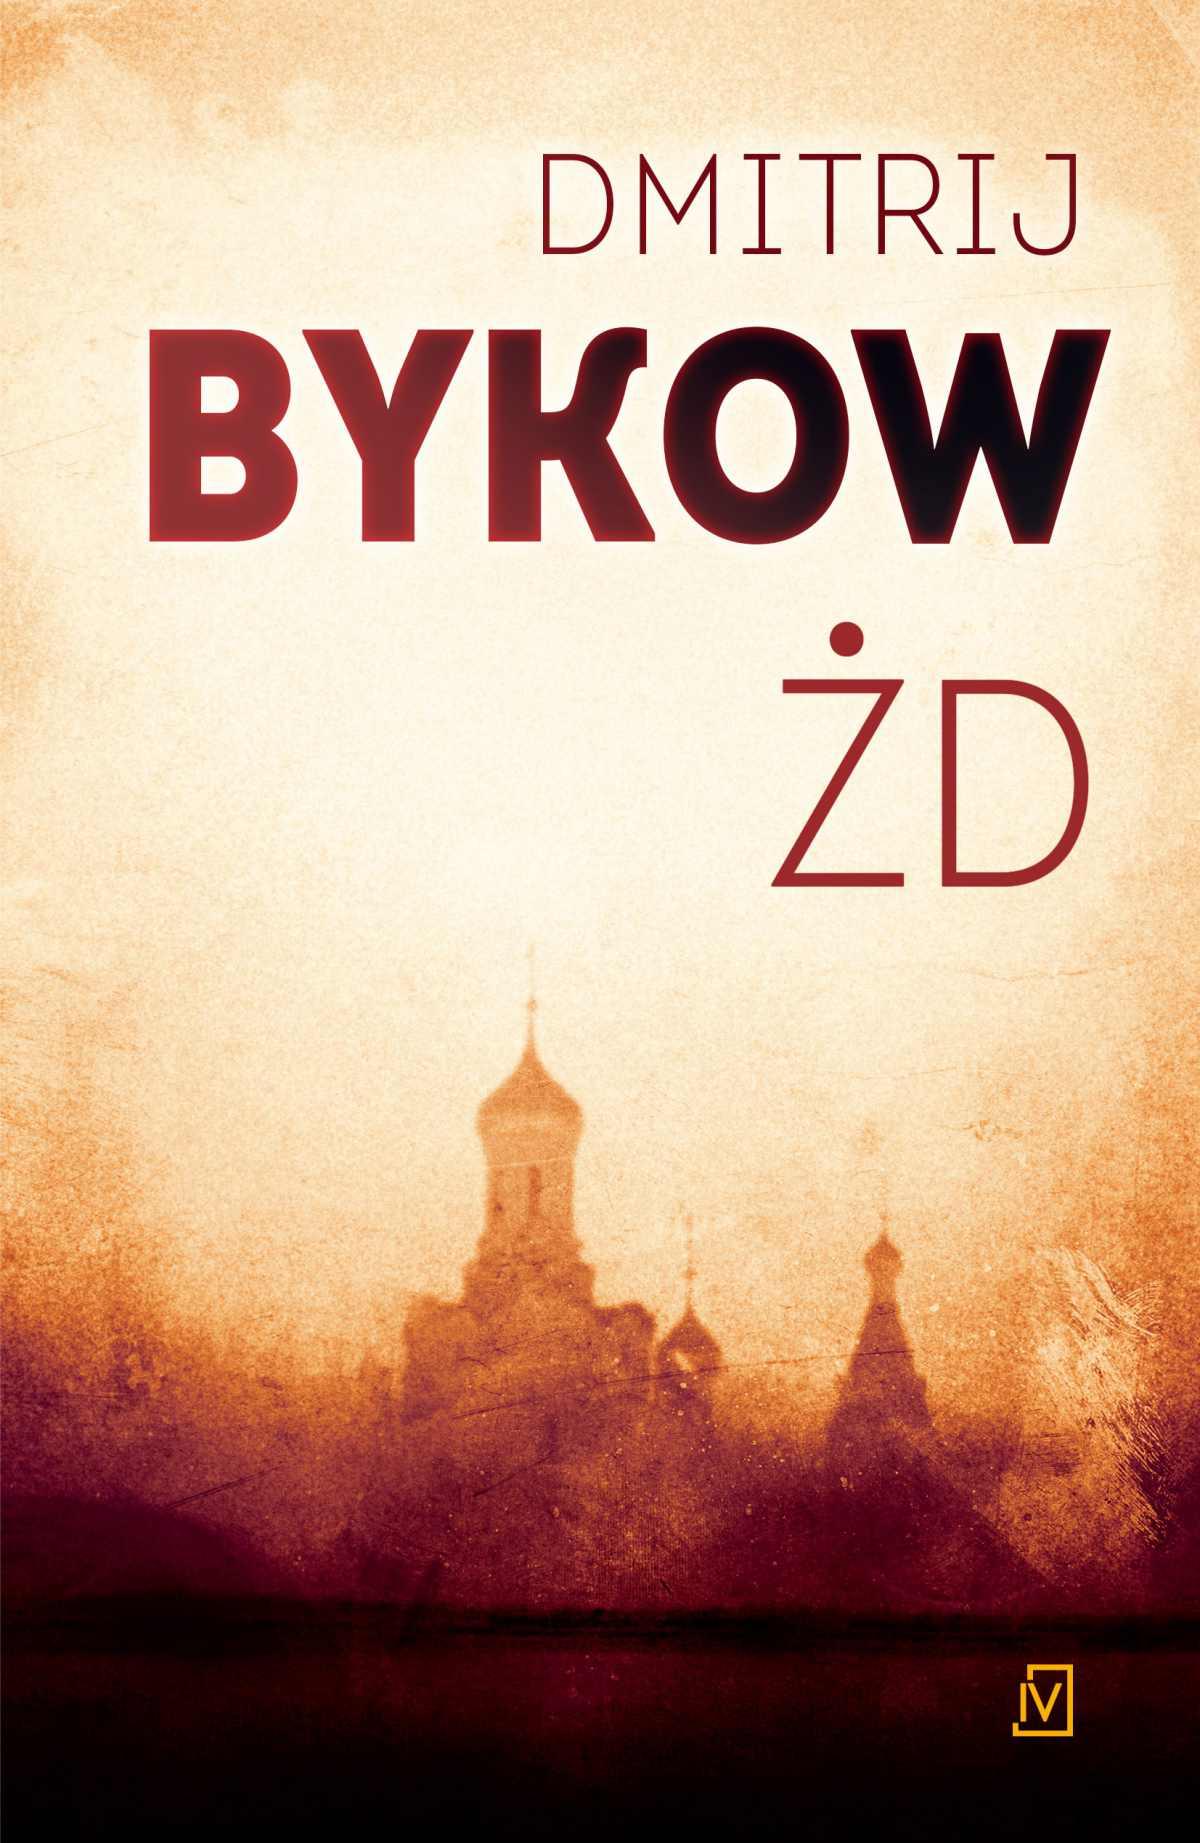 ŻD - Ebook (Książka EPUB) do pobrania w formacie EPUB